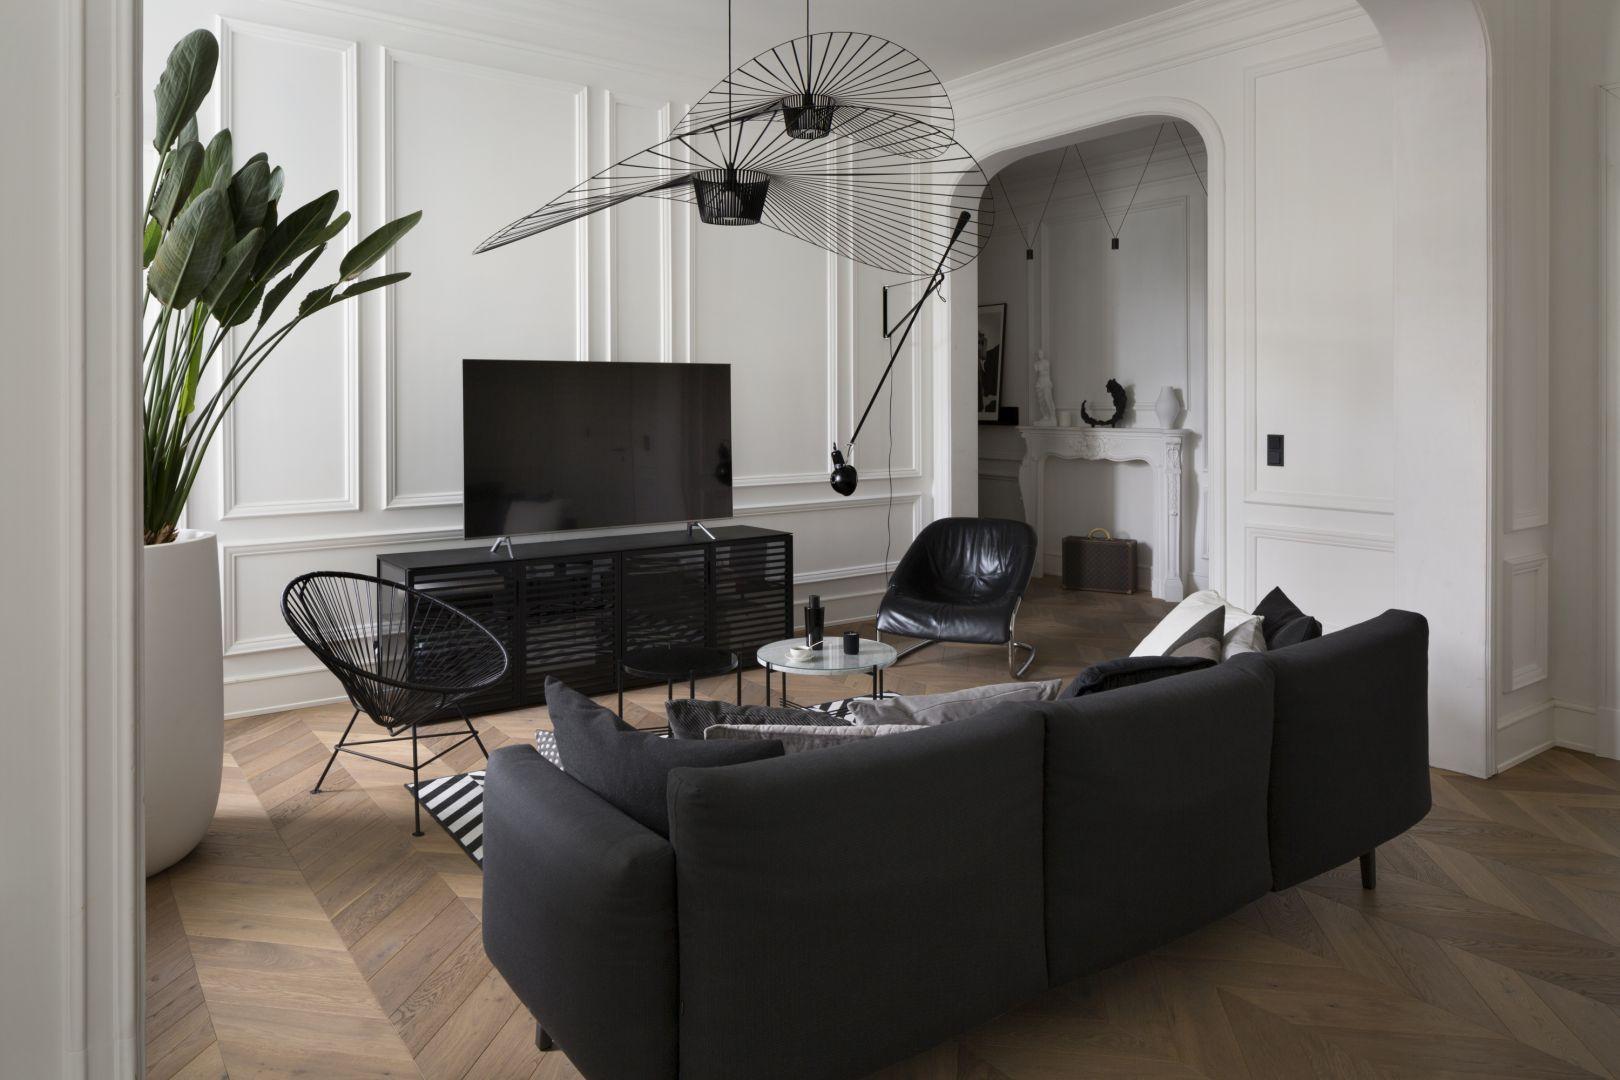 Drewniana podłoga  ułożona w jodłę francuską prowadzi nas do salonu z kuchnią. Projekt Goszczdesign. Fot. Piotr Mastalerz